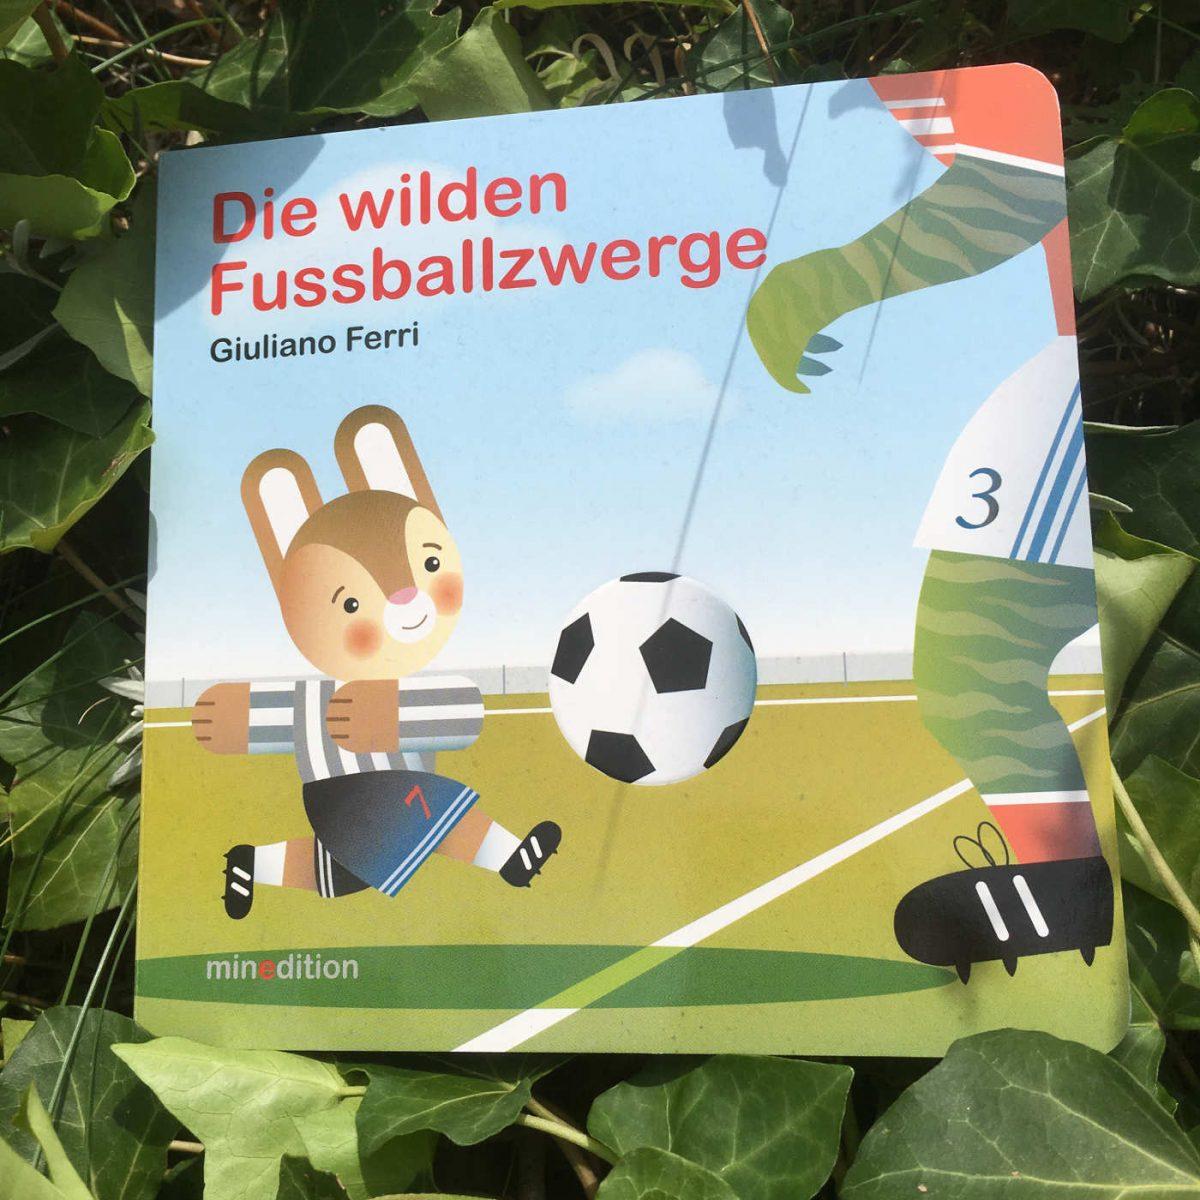 Giuliano Ferri: Die wilden Fußballzwerge